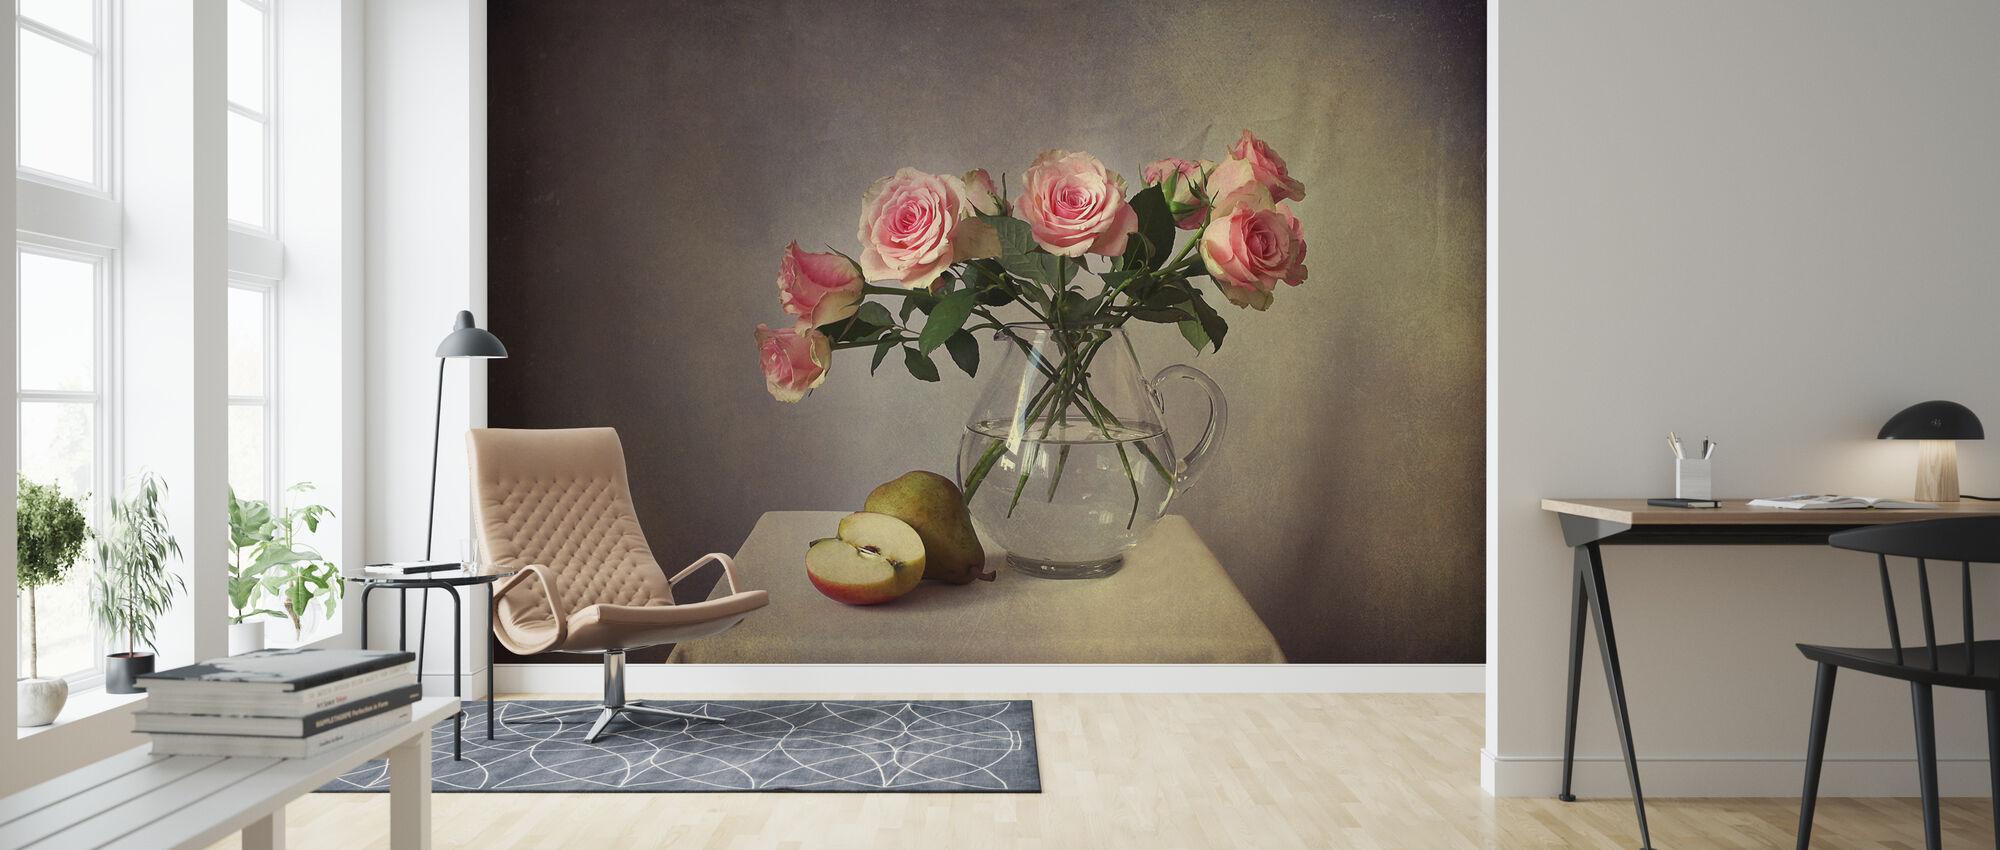 Stilleven met rozen - Behang - Woonkamer